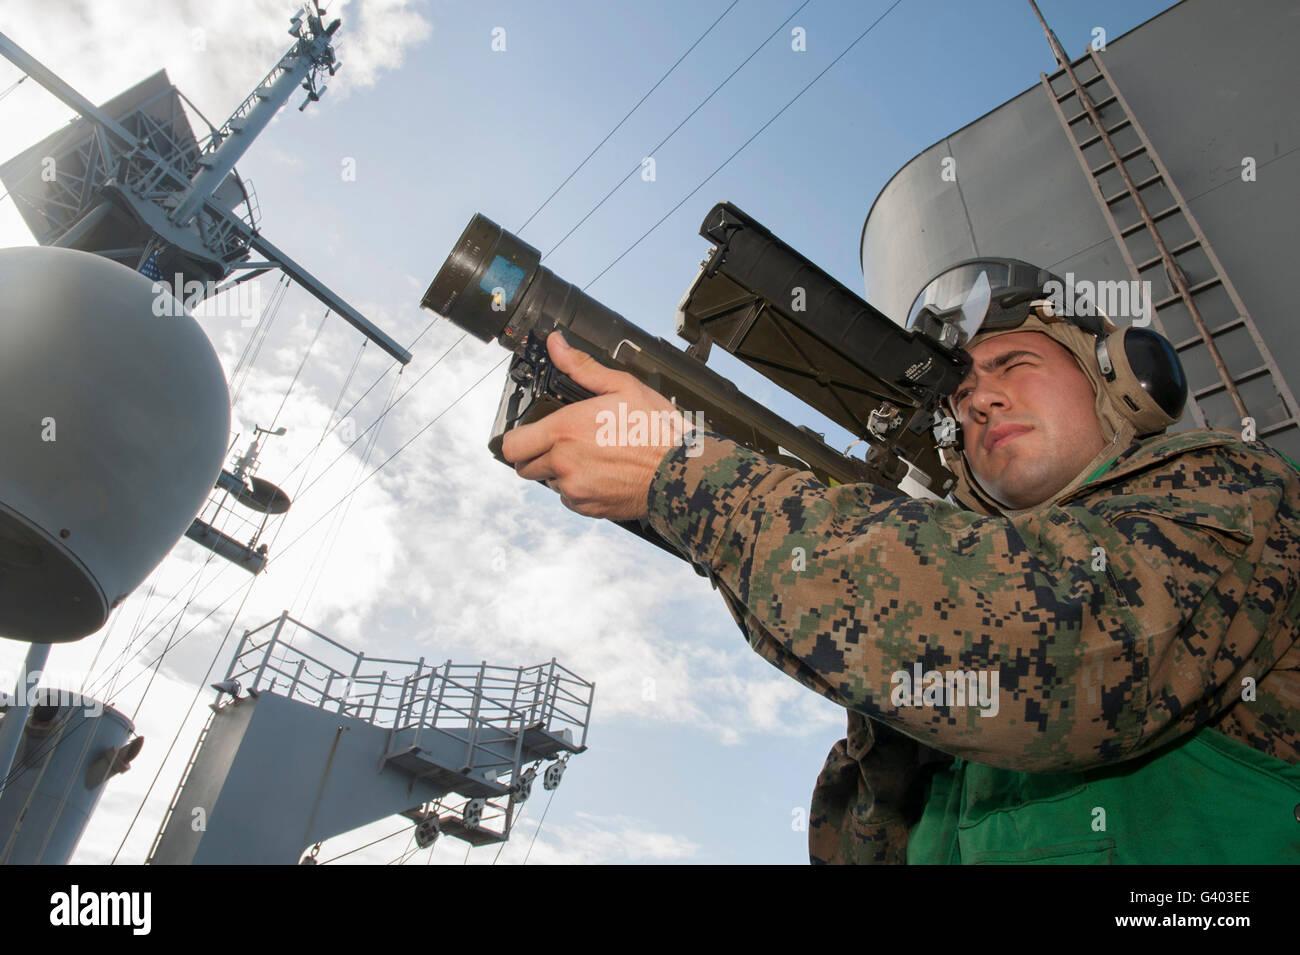 Soldat Praktiken verfolgen mit einer Trainer-Version von einem Stinger-Raketenwerfer. Stockbild